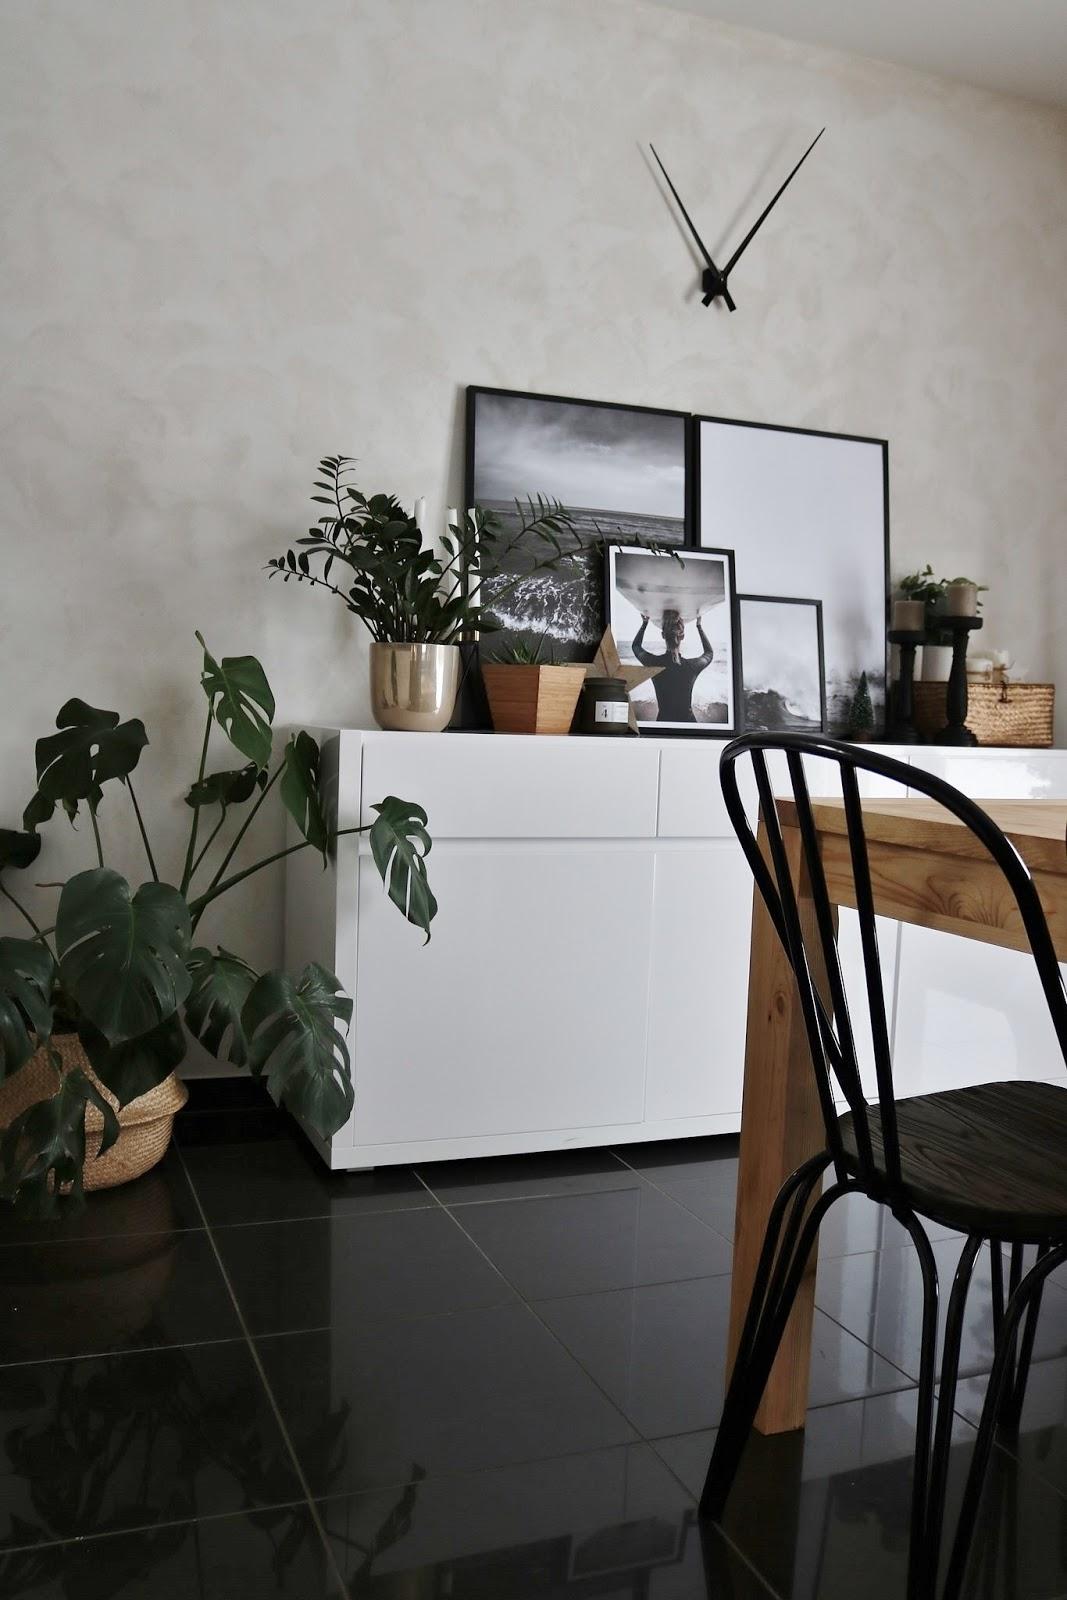 pauline-dress-mode-home-maison-decoration-rangement-petits-espaces